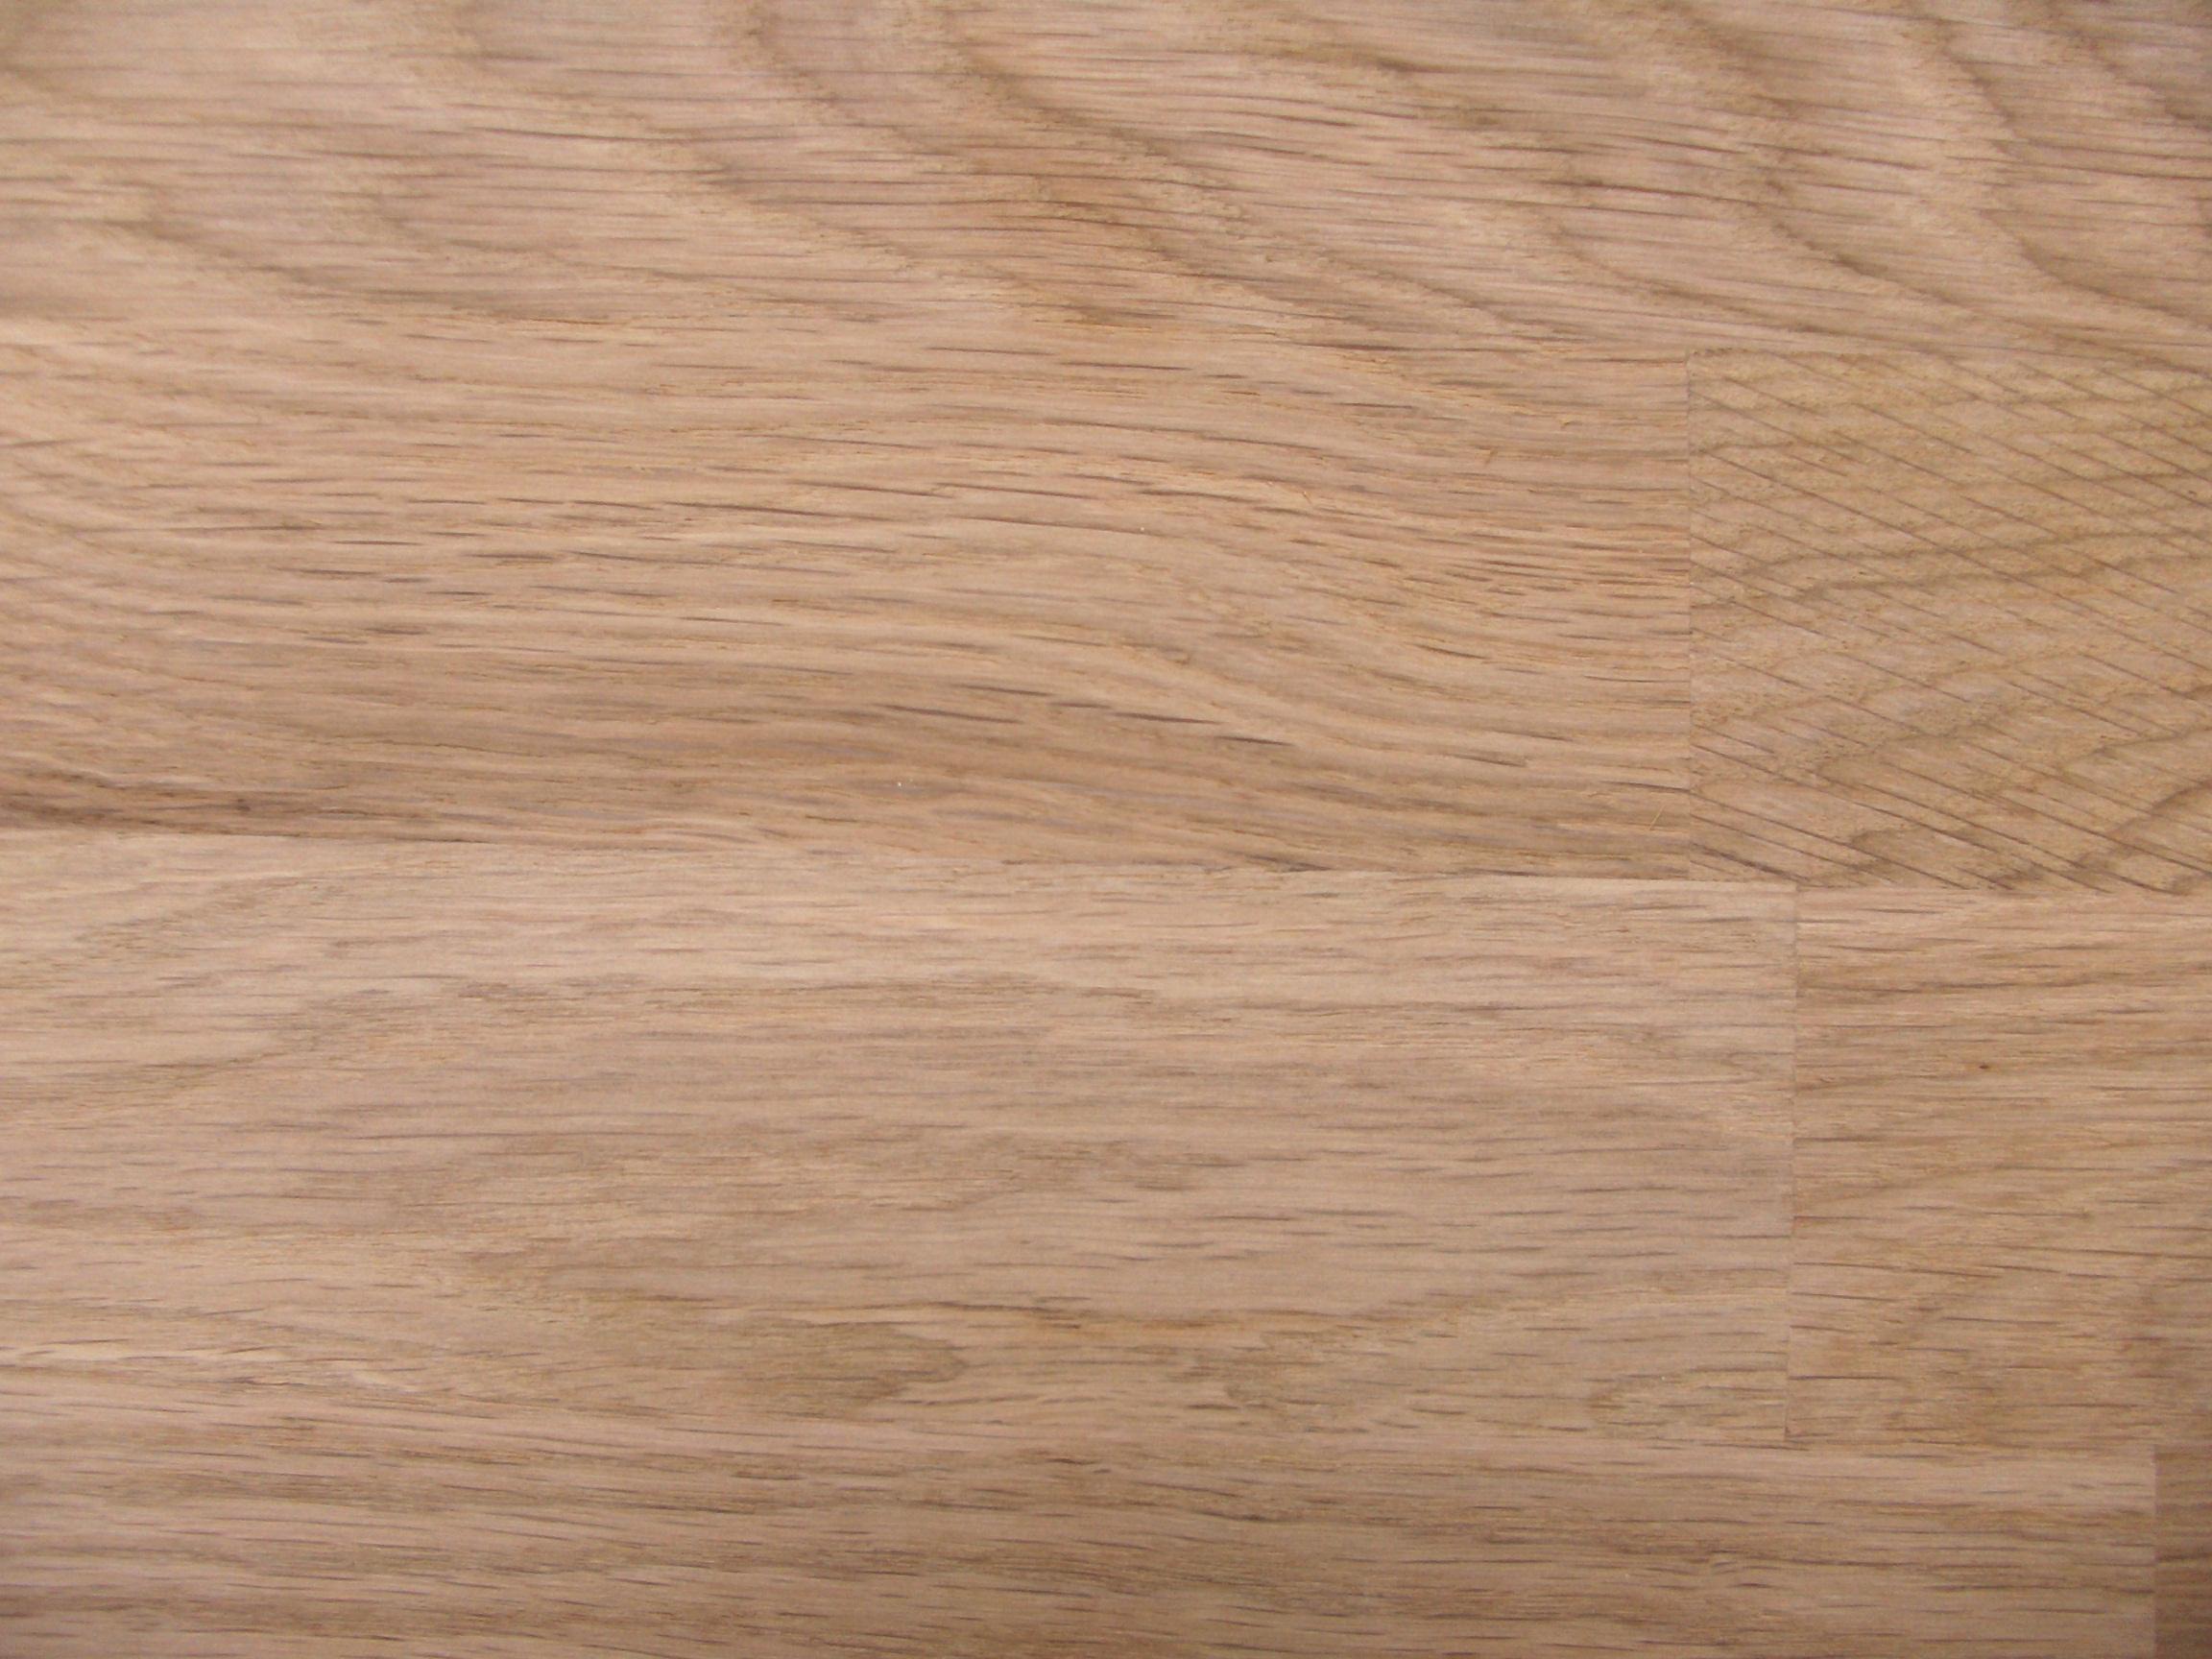 Proyecto c a n 2016 juguete con madera reciclada - Tratamiento de la madera ...